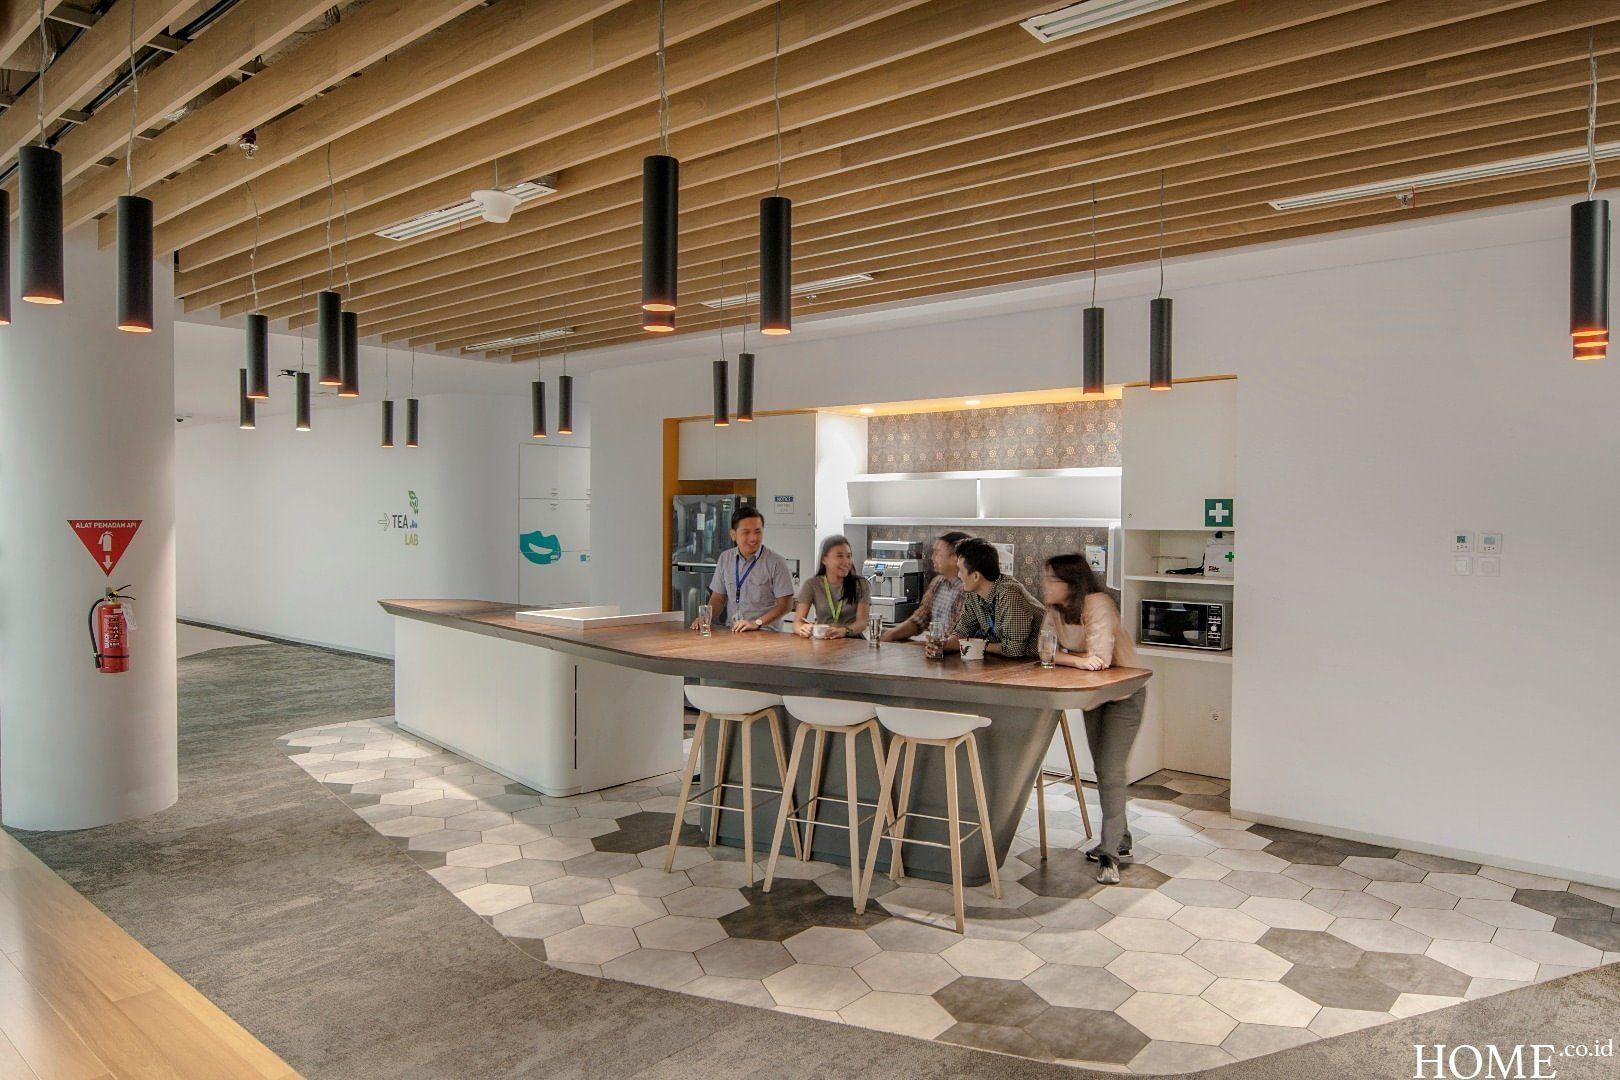 Desain Kamar Mandi Ukuran 1x1 Meter - Desain Kamar dan Ruang